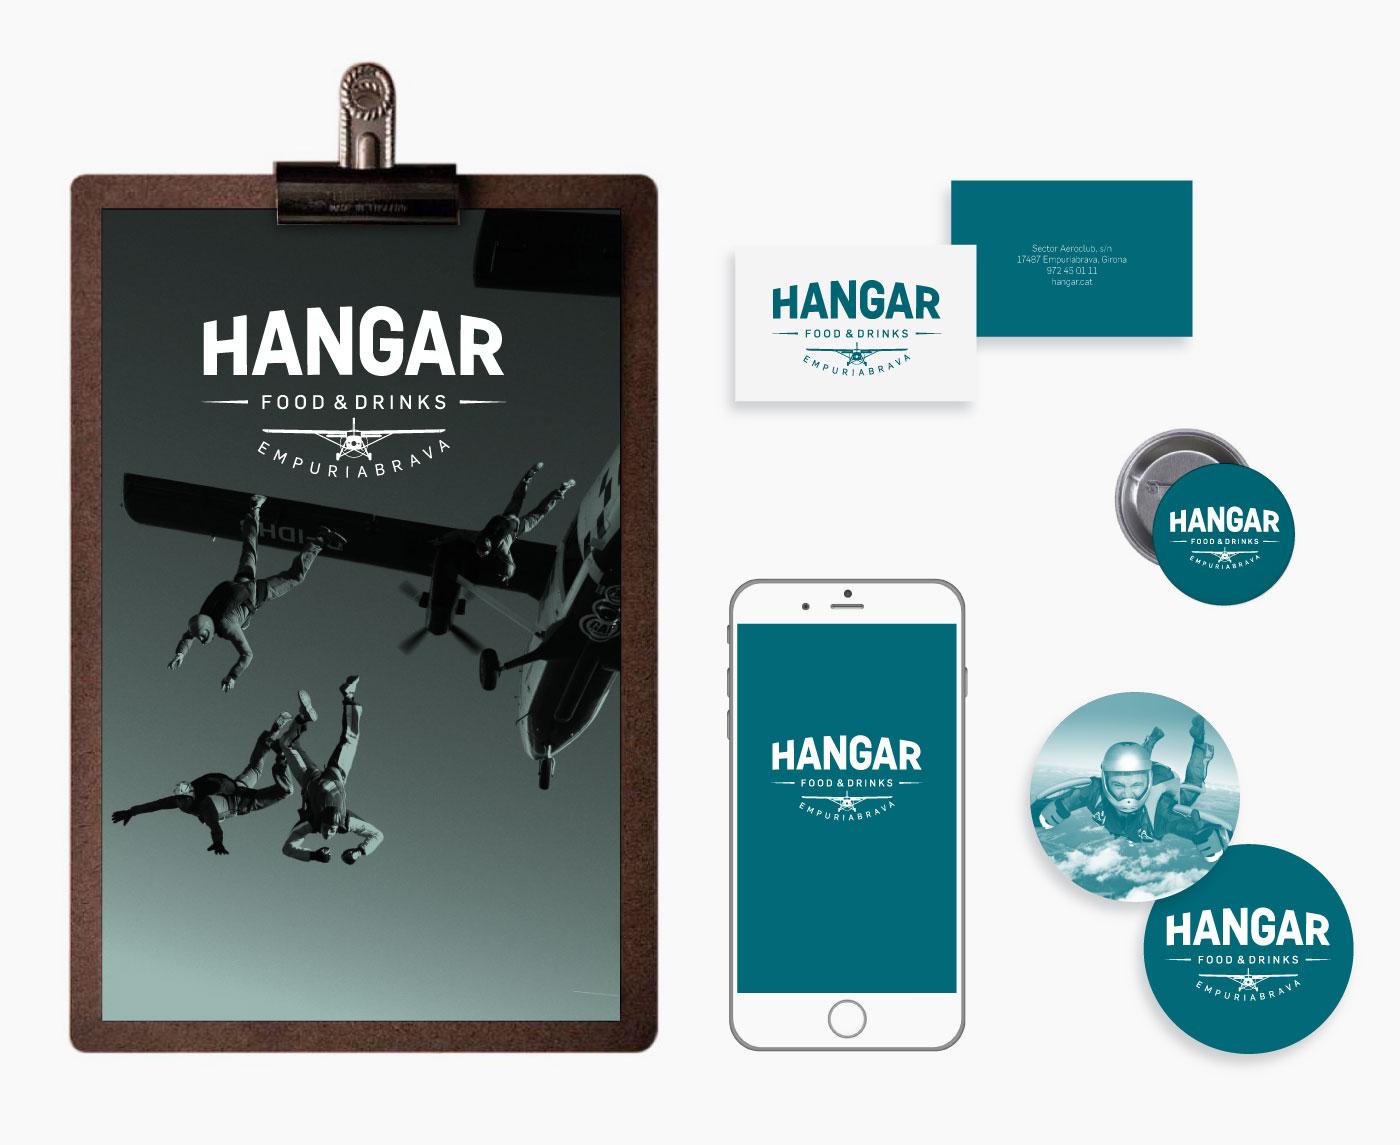 Aplicaciones de logo restaurante del aeródromo de Empuriabrava Hangar